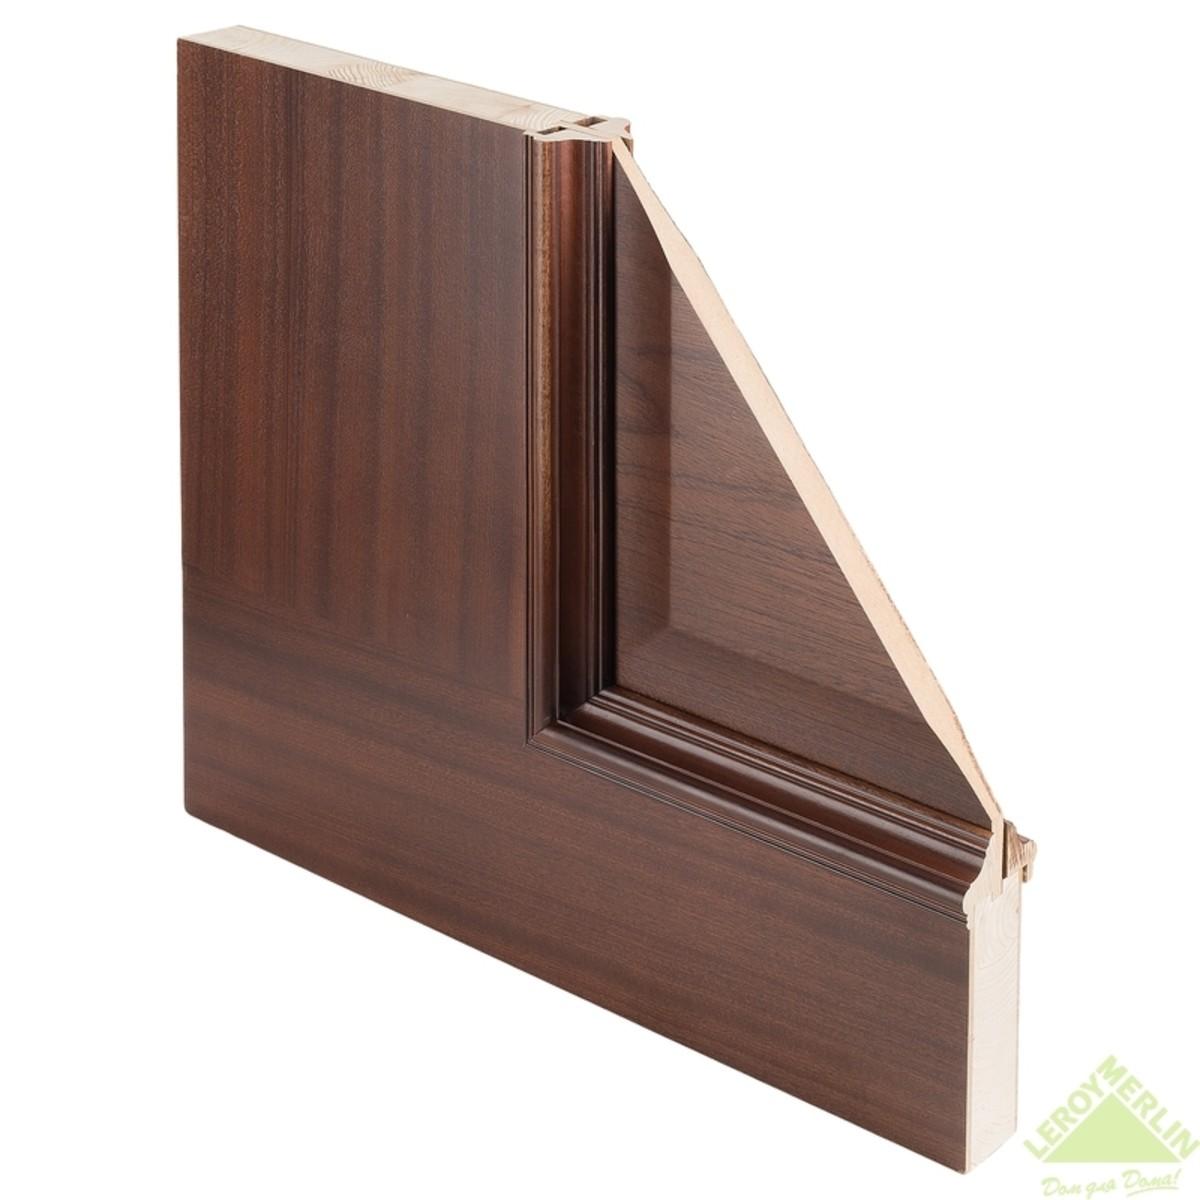 Дверь межкомнатная остеклённая Вельми 800x2000 мм шпон сапели